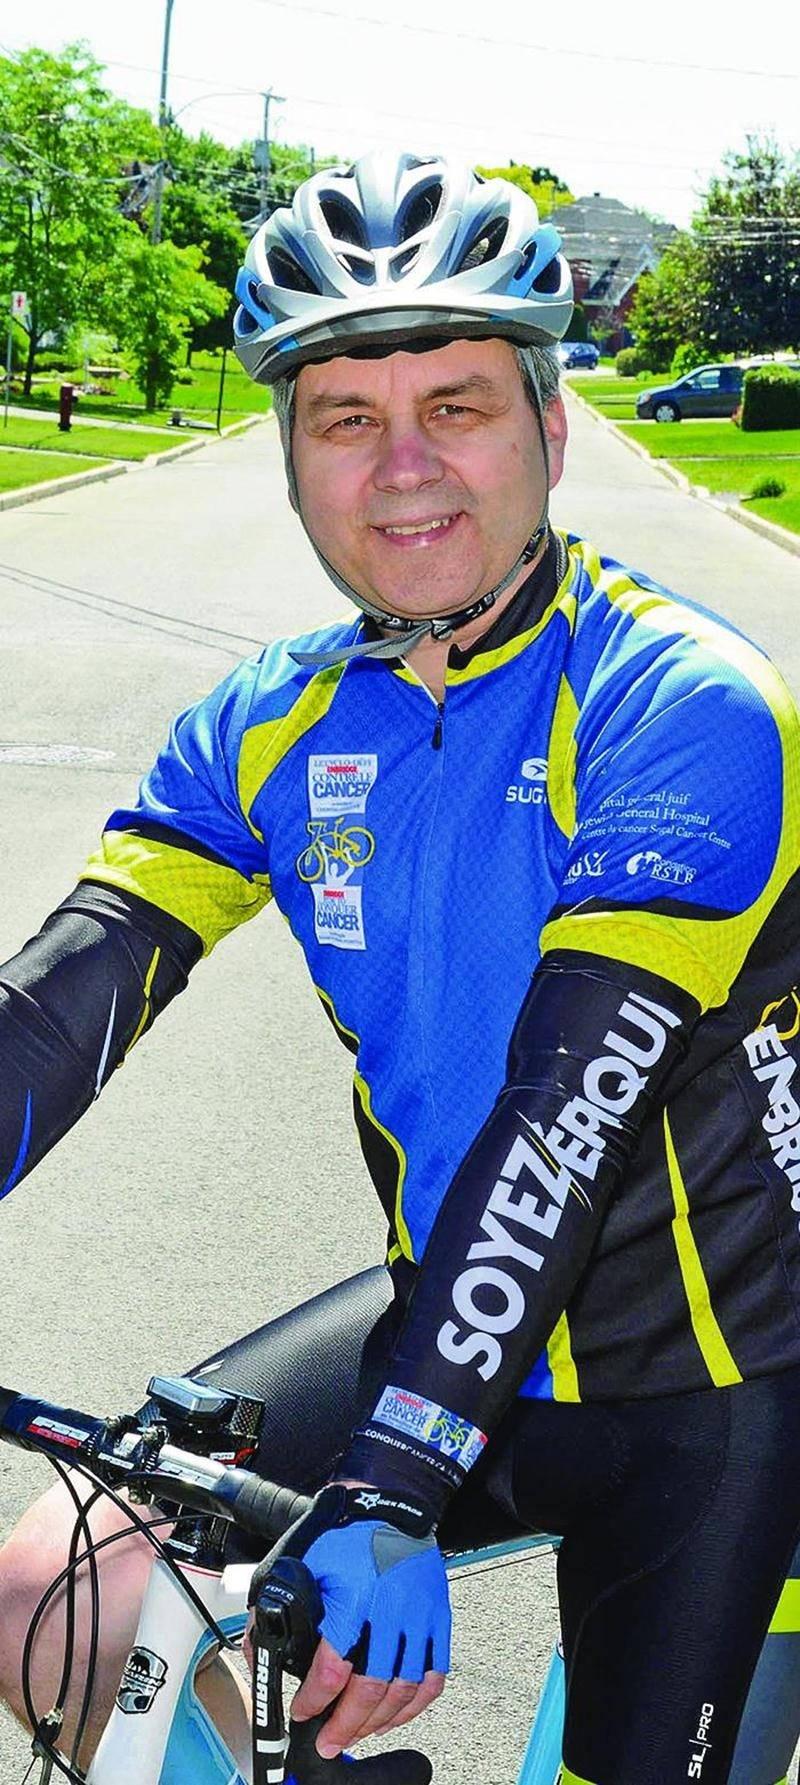 Mario Séguin enfourchera son vélo les 9 et 10 juillet lors du Cyclo-défi Enbridge contre le cancer. Photo François Larivière | Le Courrier ©